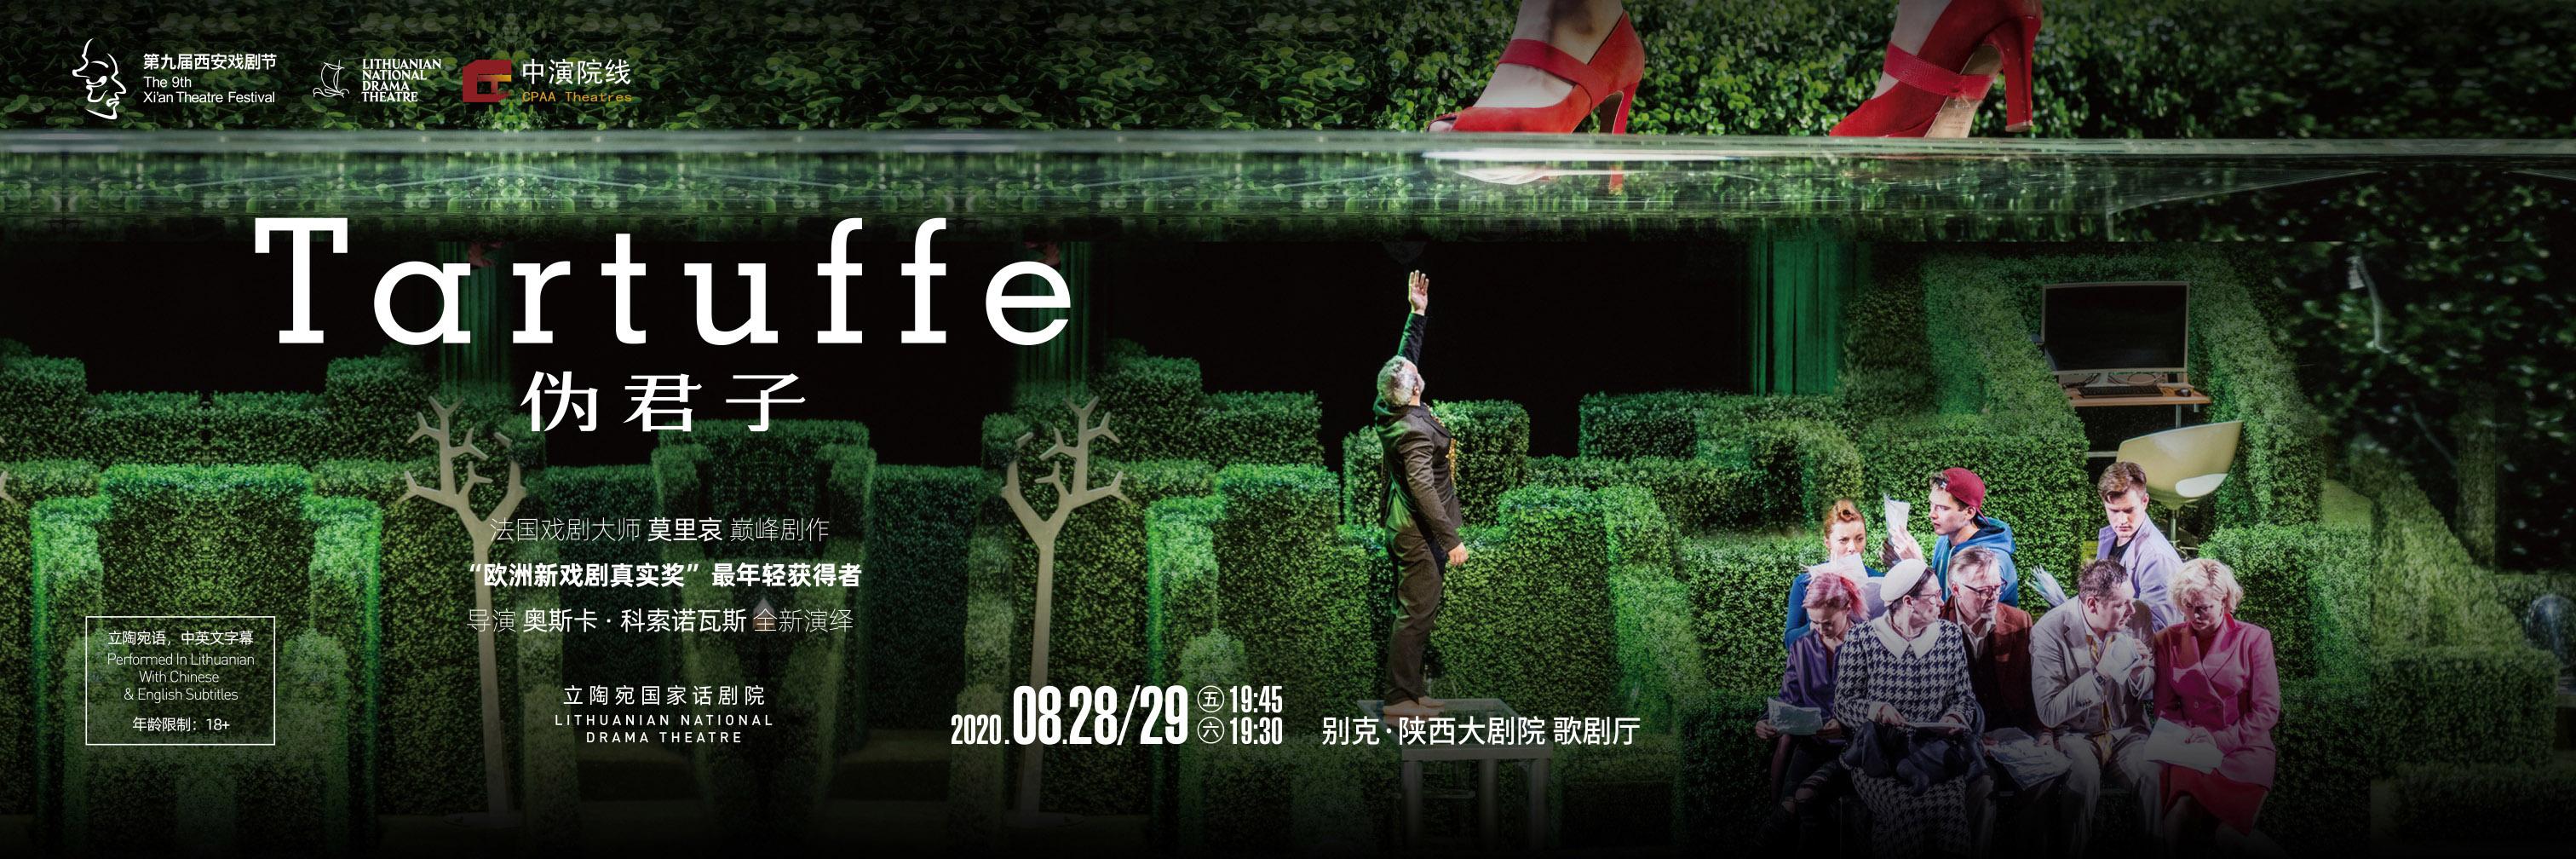 【第九屆西安戲劇節—不盡之鏡】立陶宛國家話劇院《偽君子》